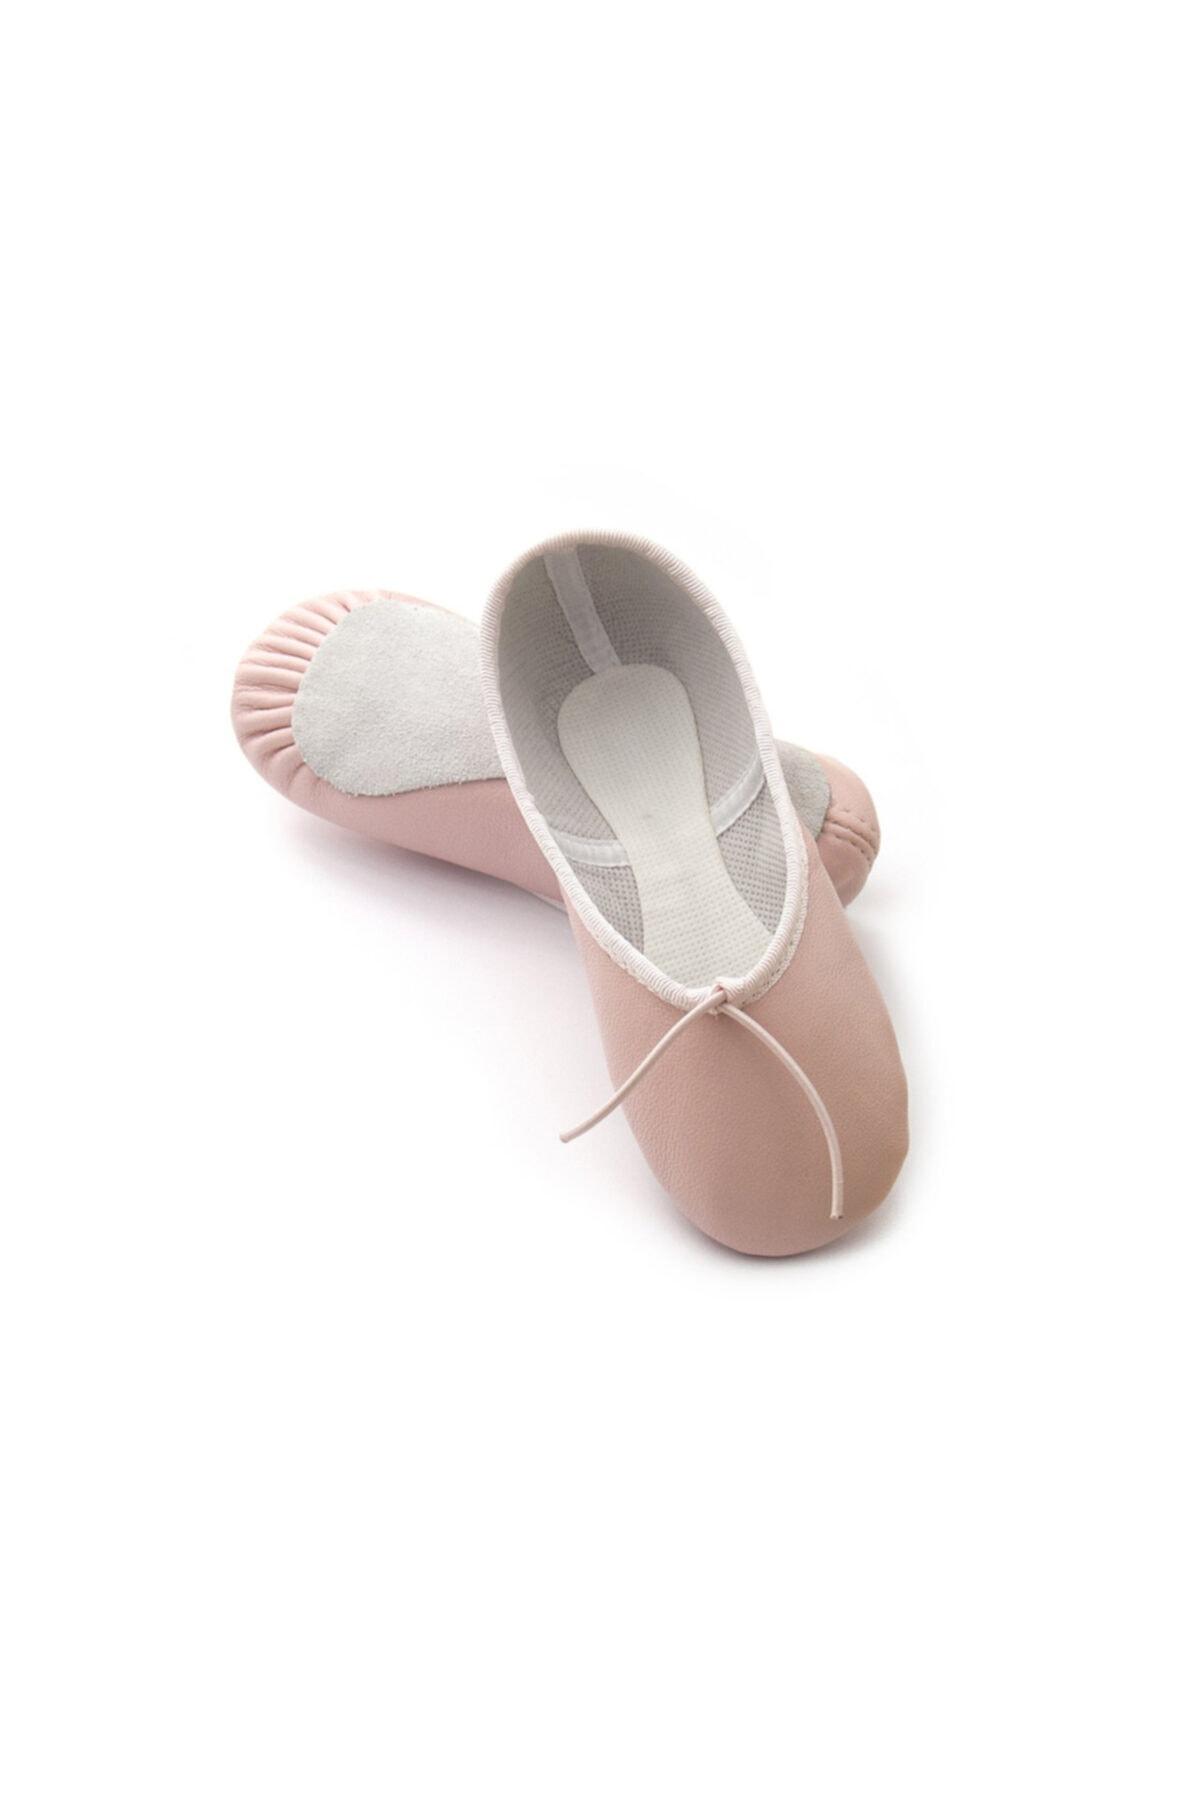 TRAUM BALE POİNT Bale Çalışma Ayakkabısı 1